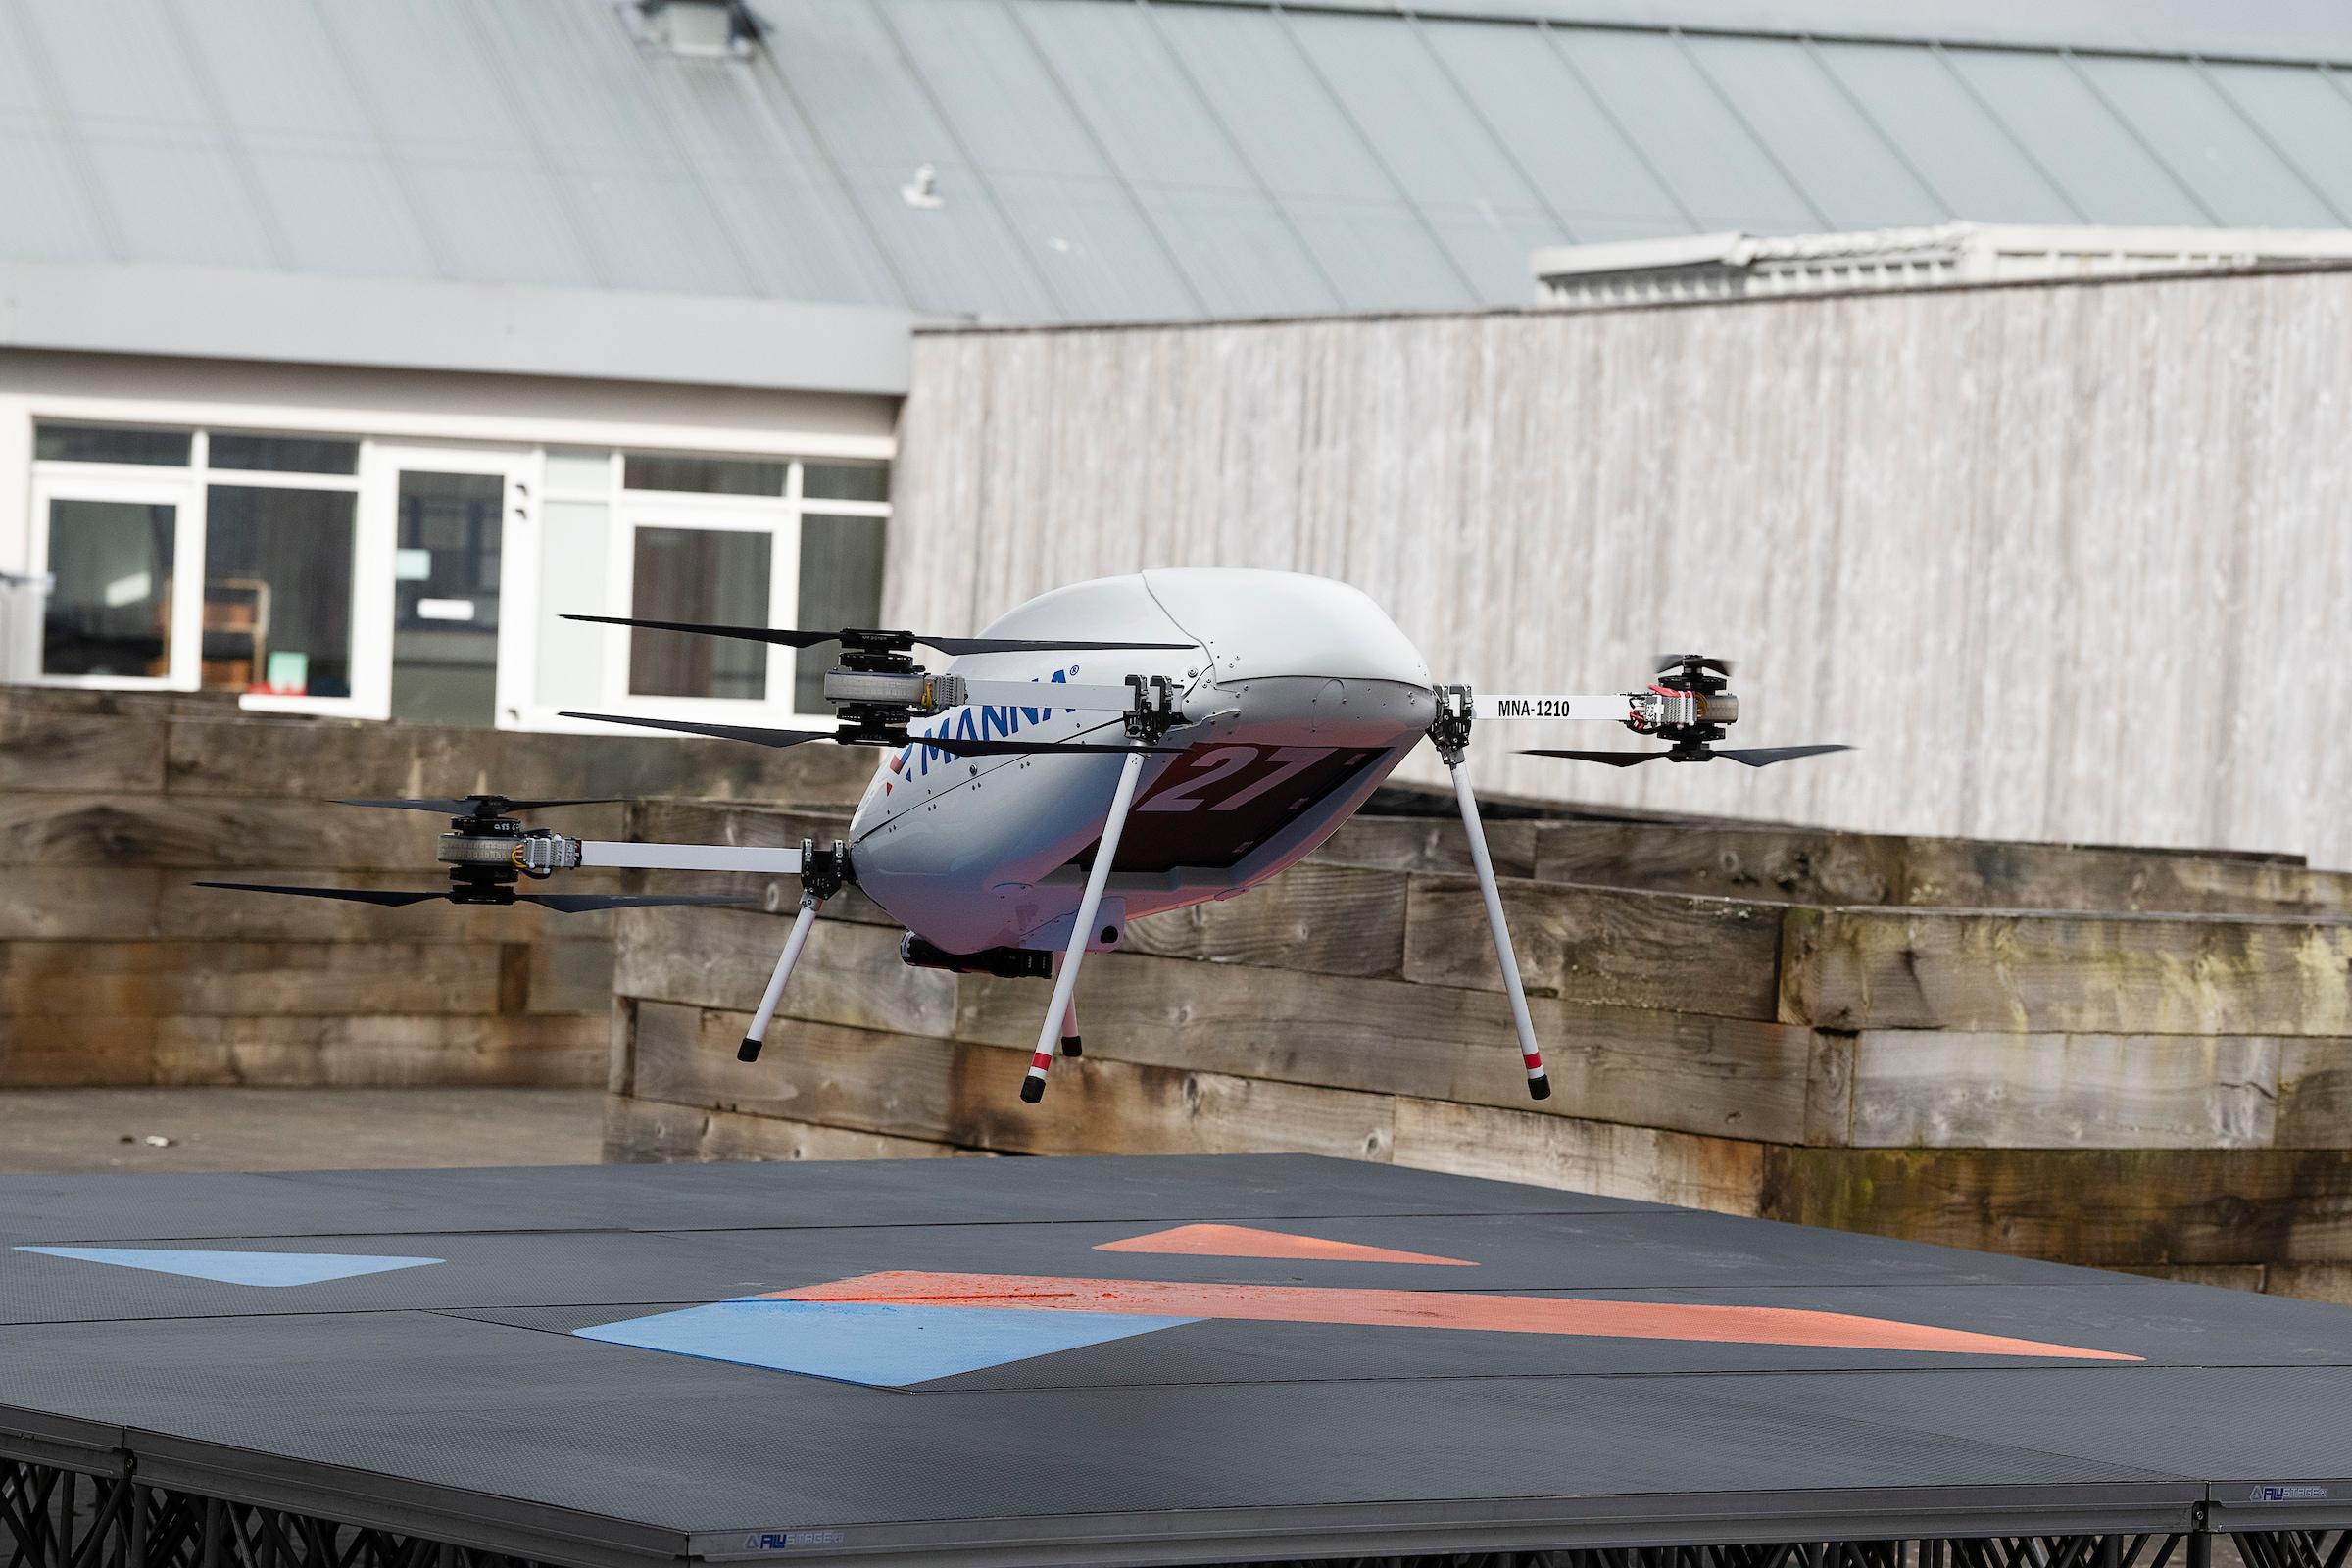 Smartphone Samsung consegnati a domicilio in 3 minuti dai droni! (foto)